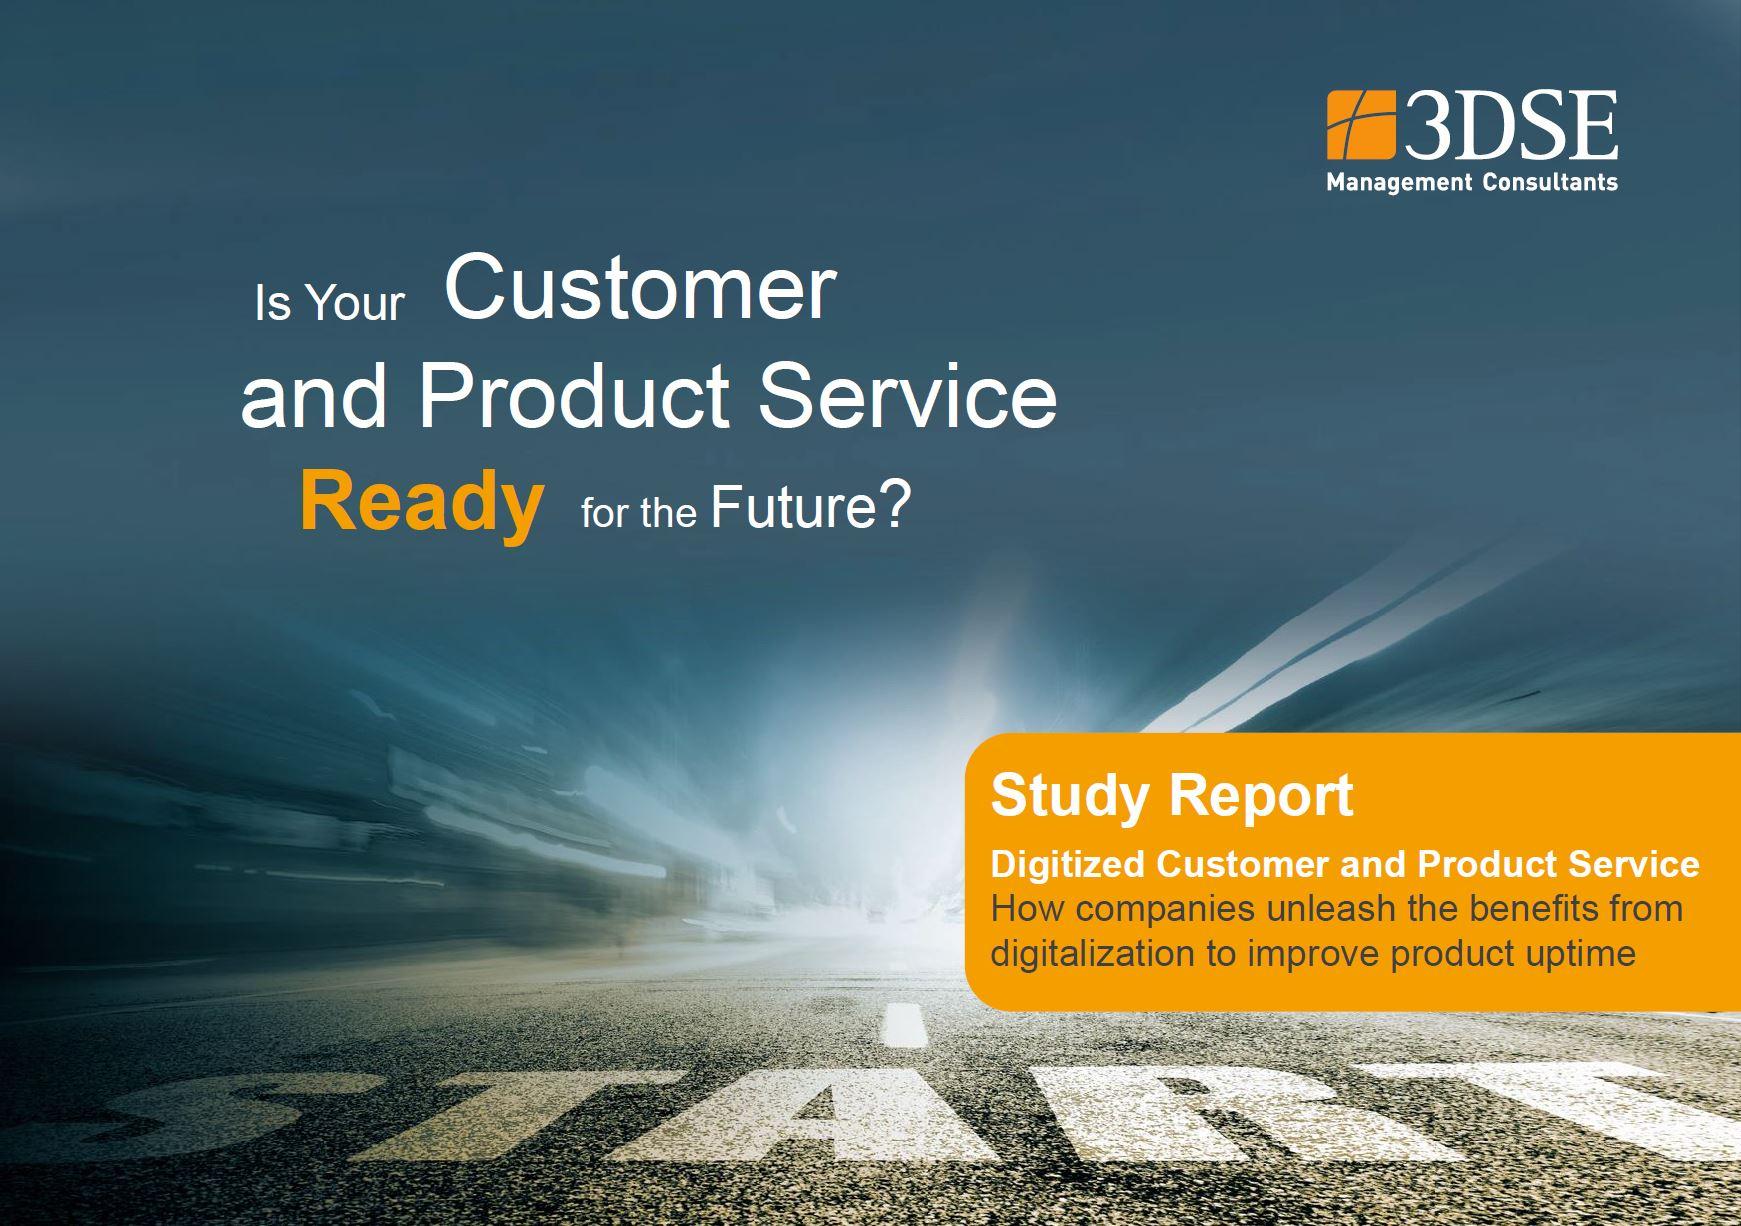 3DSE Kurzstudie - Ist Ihr Kunden- und Produktservice fit für die Zukunft?